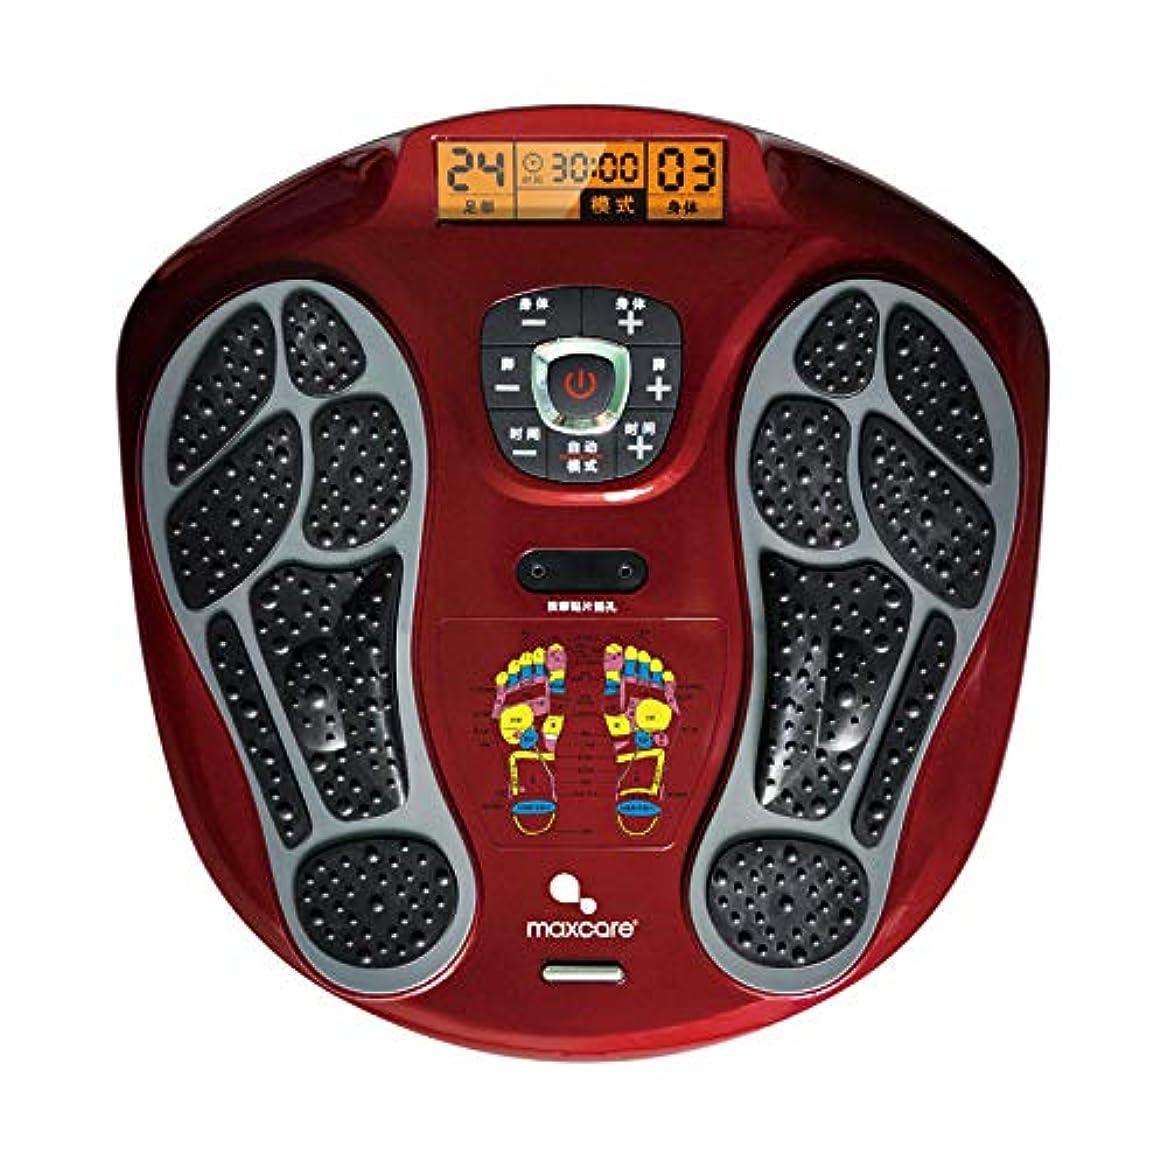 持続的作動するブリリアントフルフットマッサージ体験のための、熱付きフットマッサージャー、LEDディスプレイスクリーンリラックス疲れて痛む足